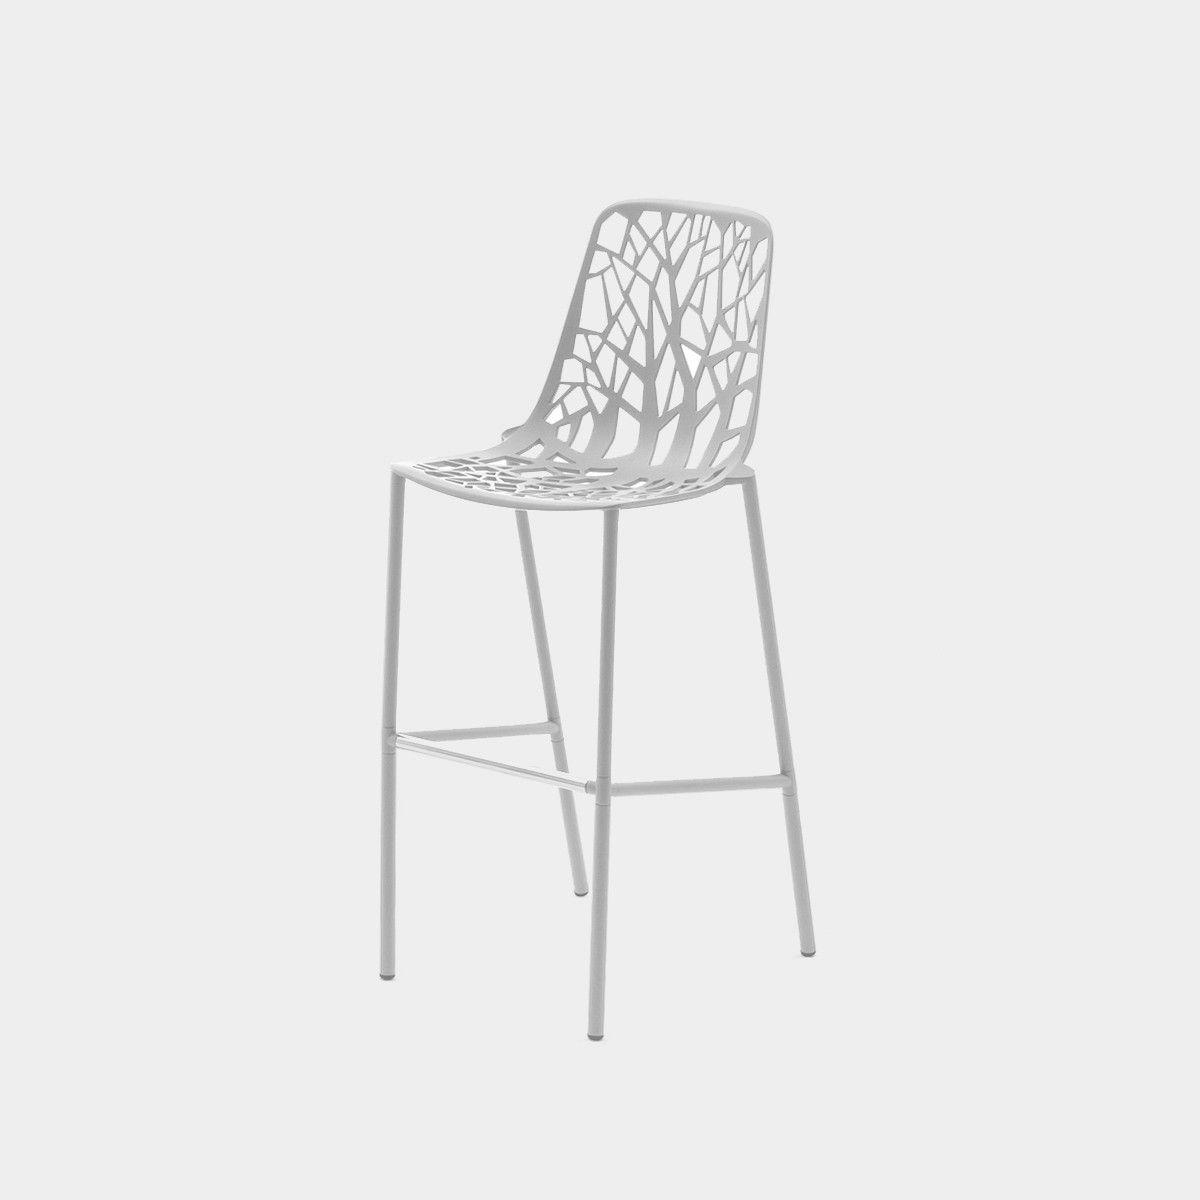 forest barhocker niedrig mit hoher r ckenlehne in 2018 k che pinterest barhocker ansicht. Black Bedroom Furniture Sets. Home Design Ideas